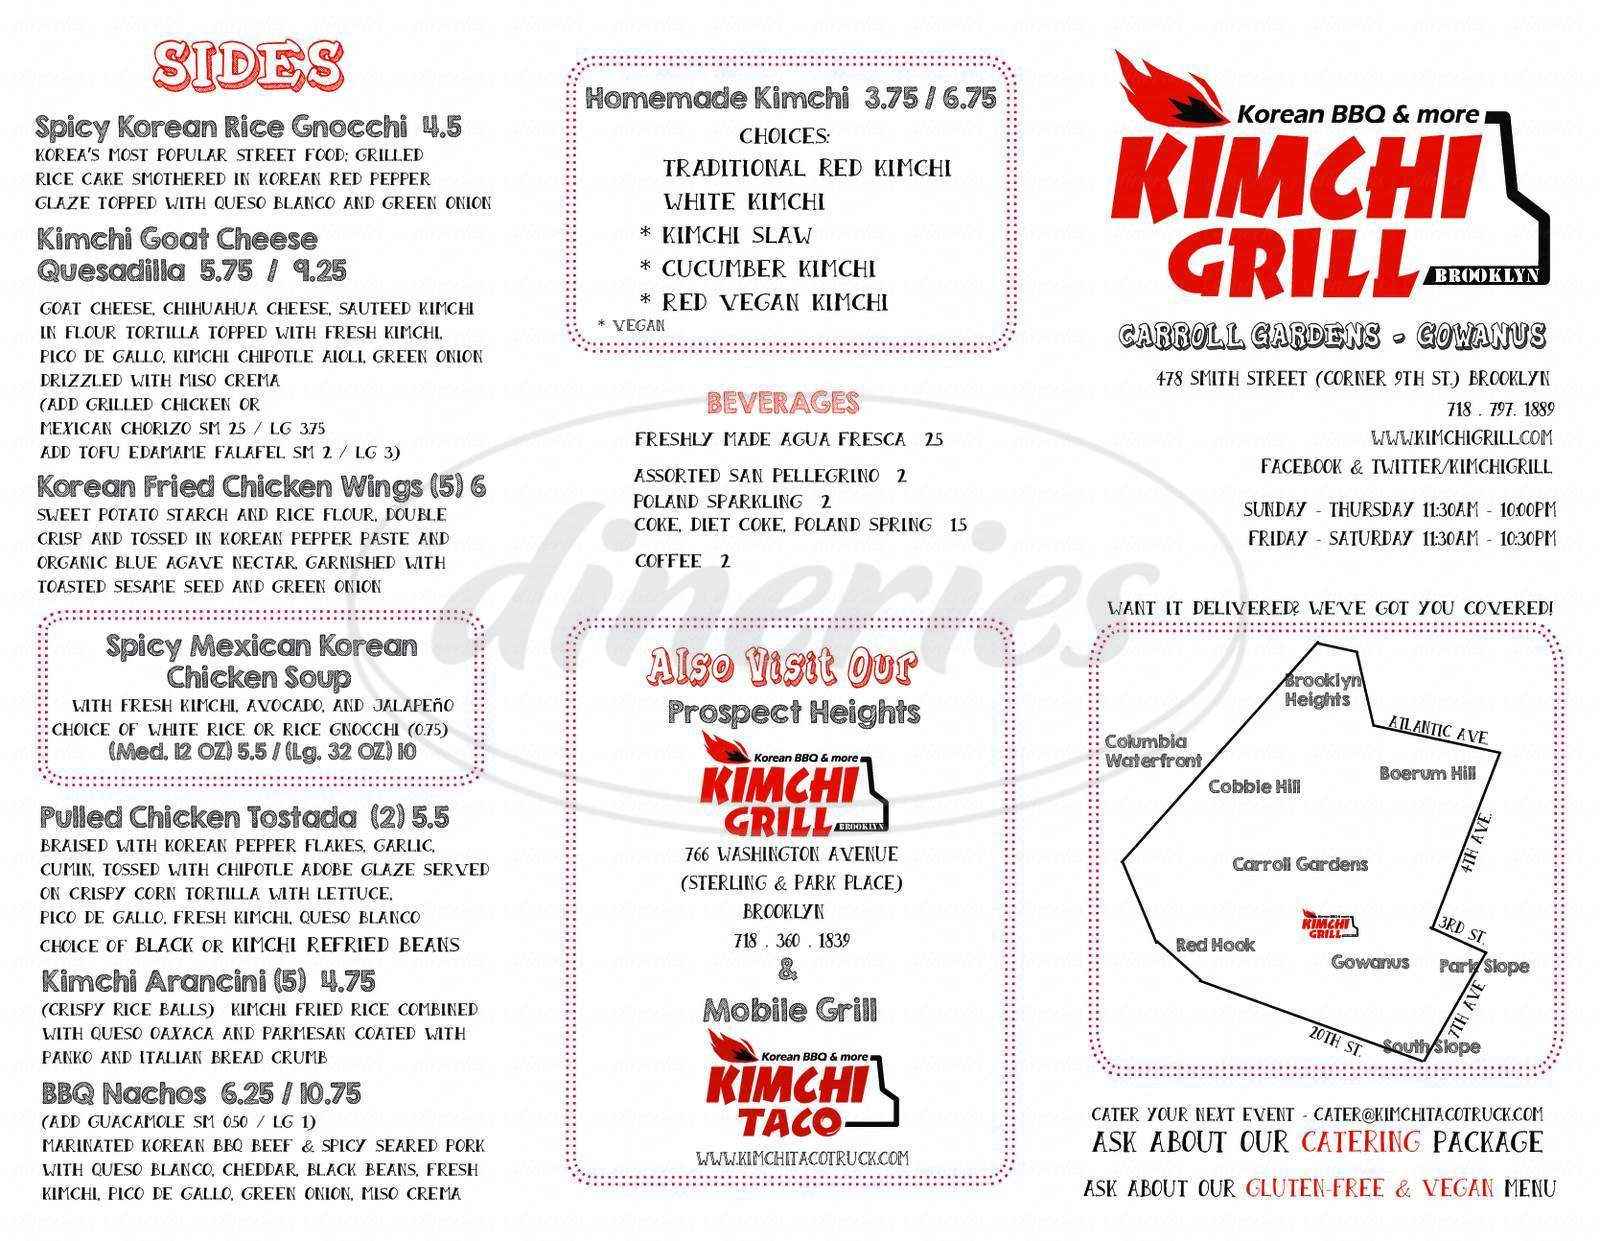 menu for Kimchi Grill